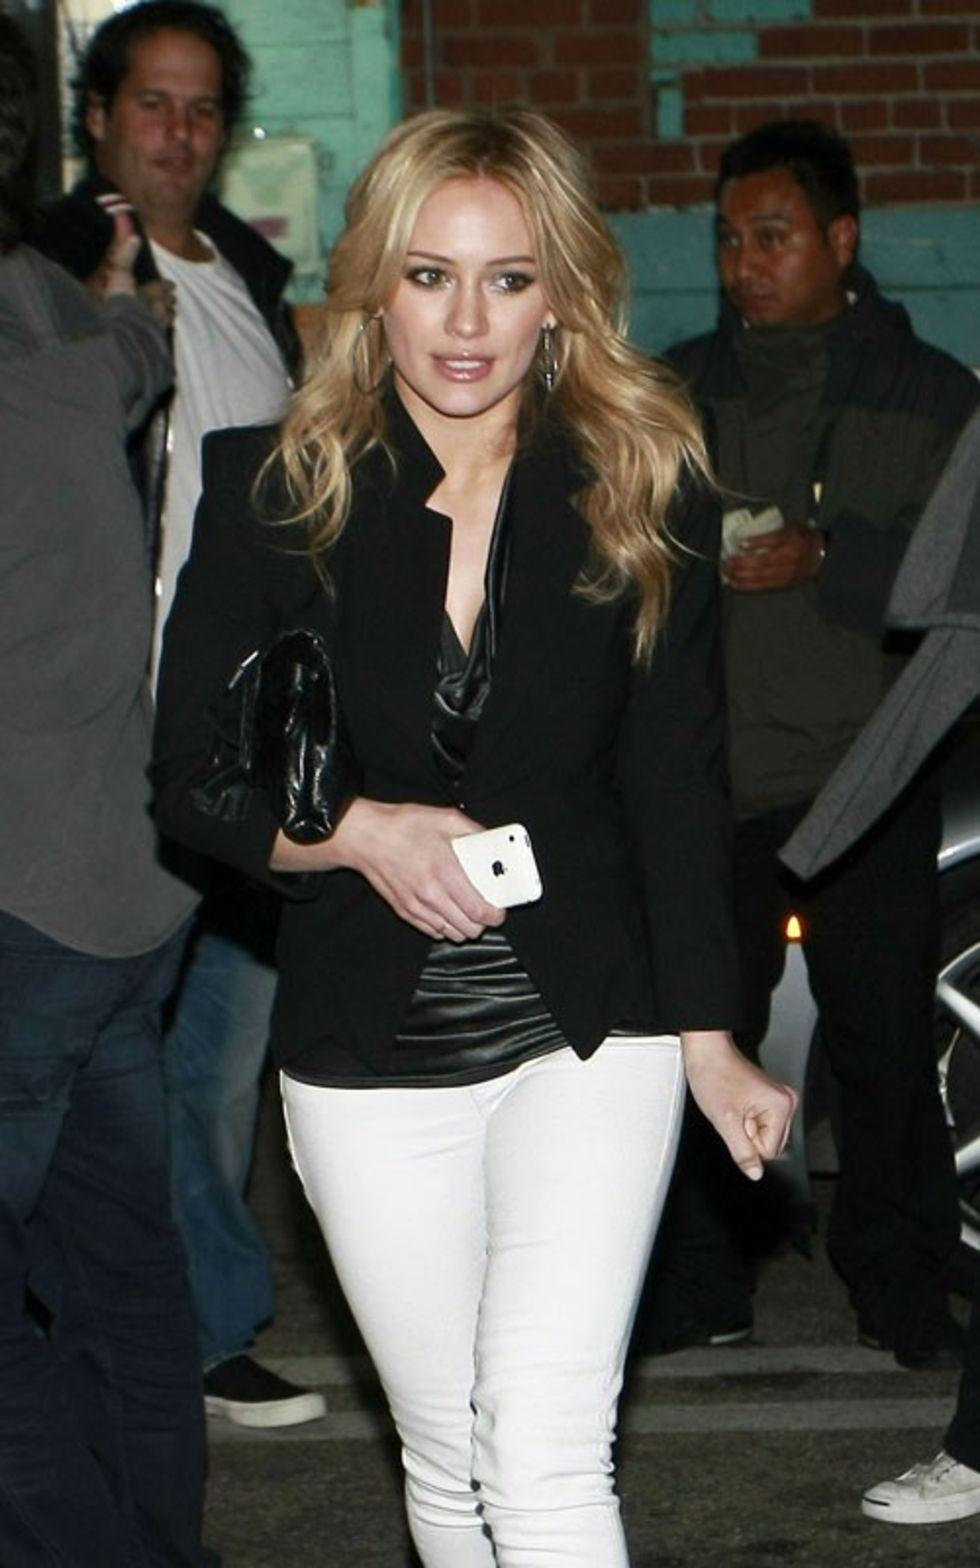 Hilary Duff 2010 : hilary-duff-leggy-in-white-tight-pants-13